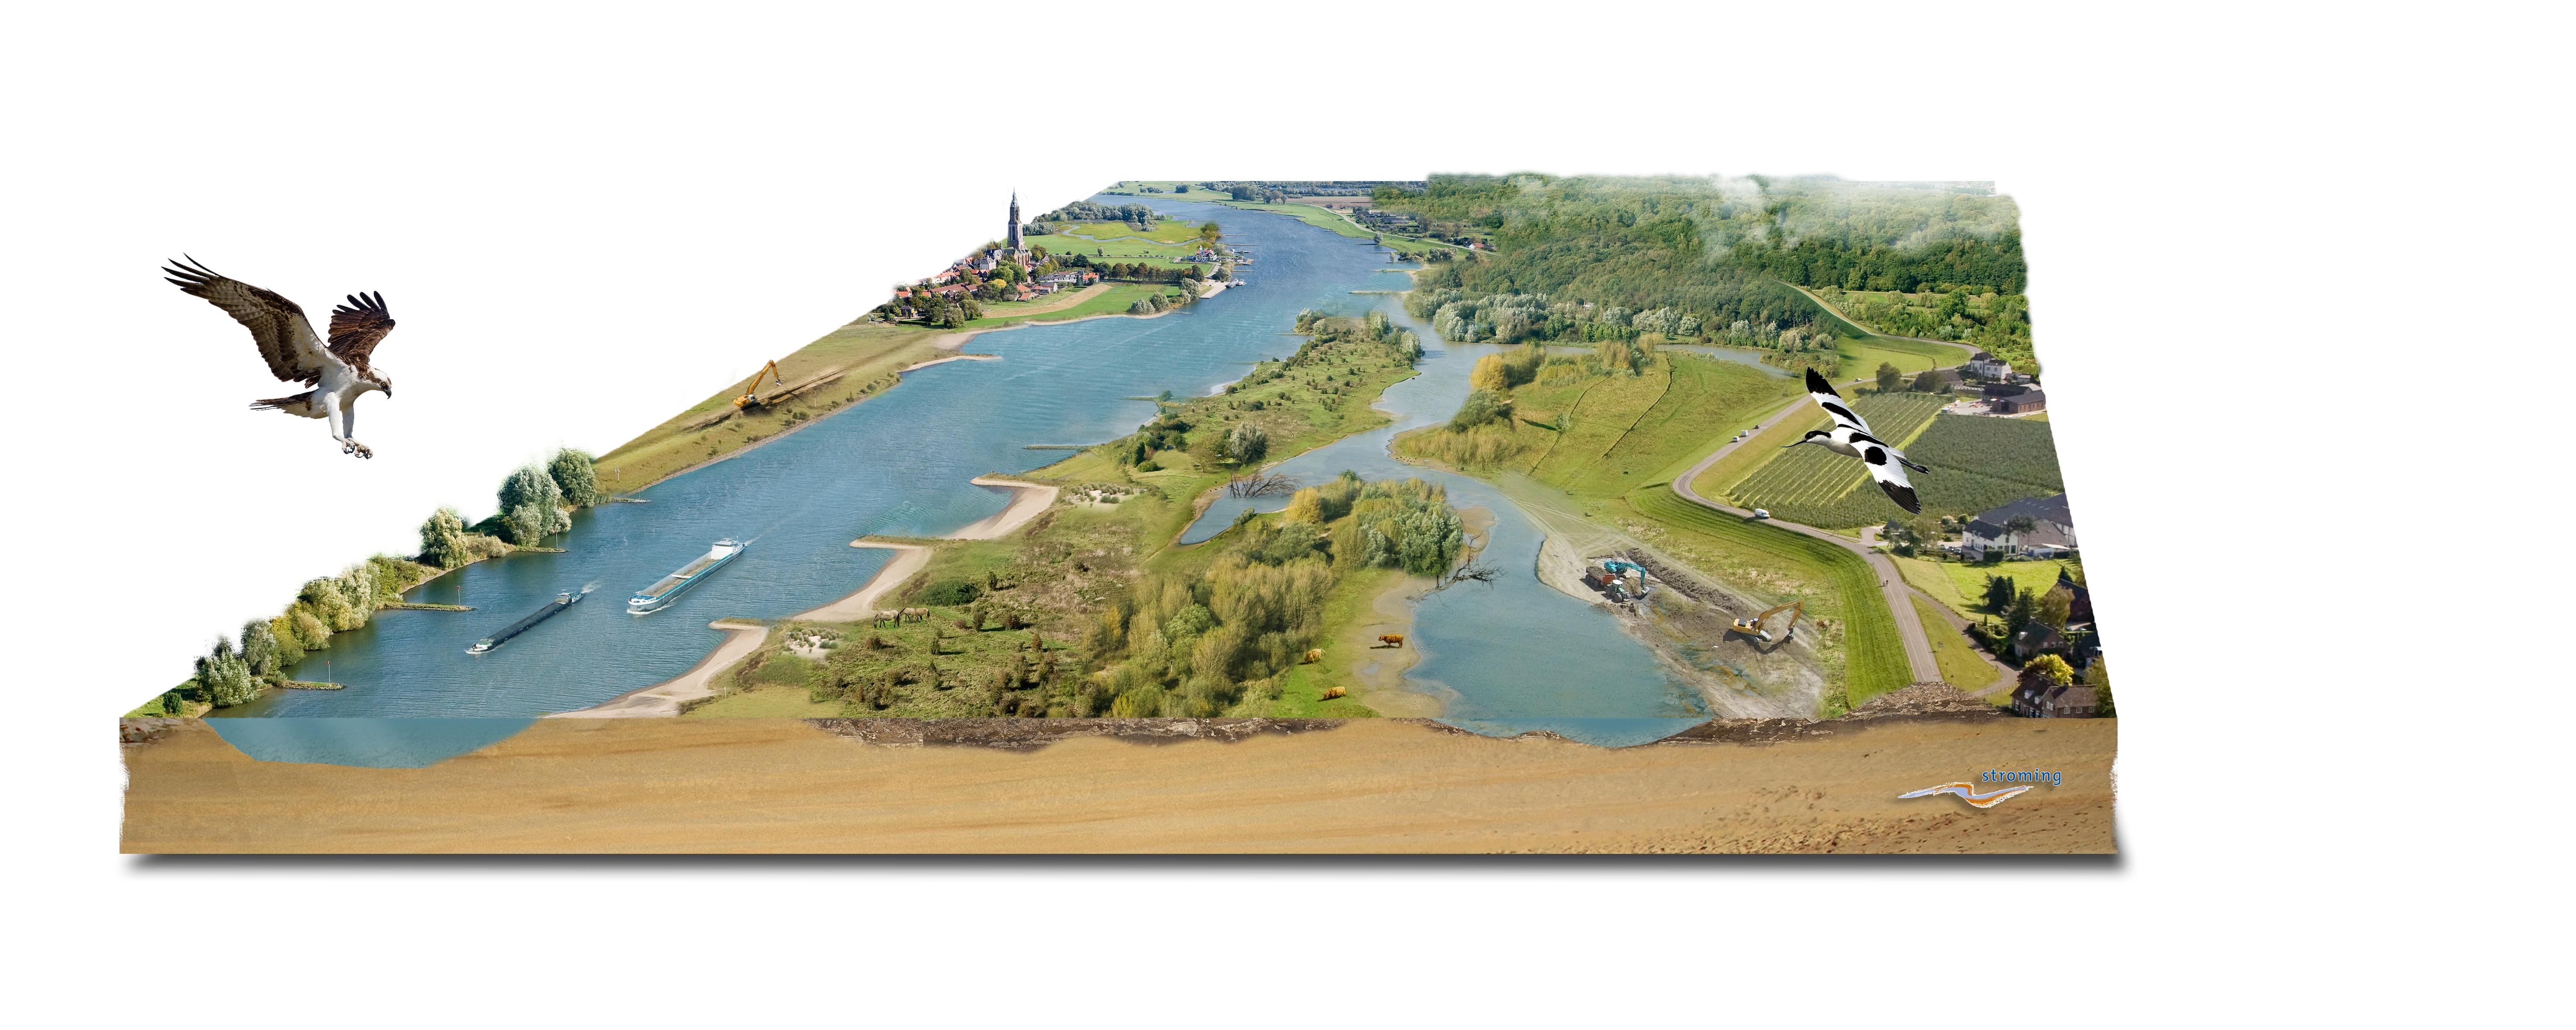 Ruimte voor levende rivieren bureau stroming - Outs idee open voor levende ...